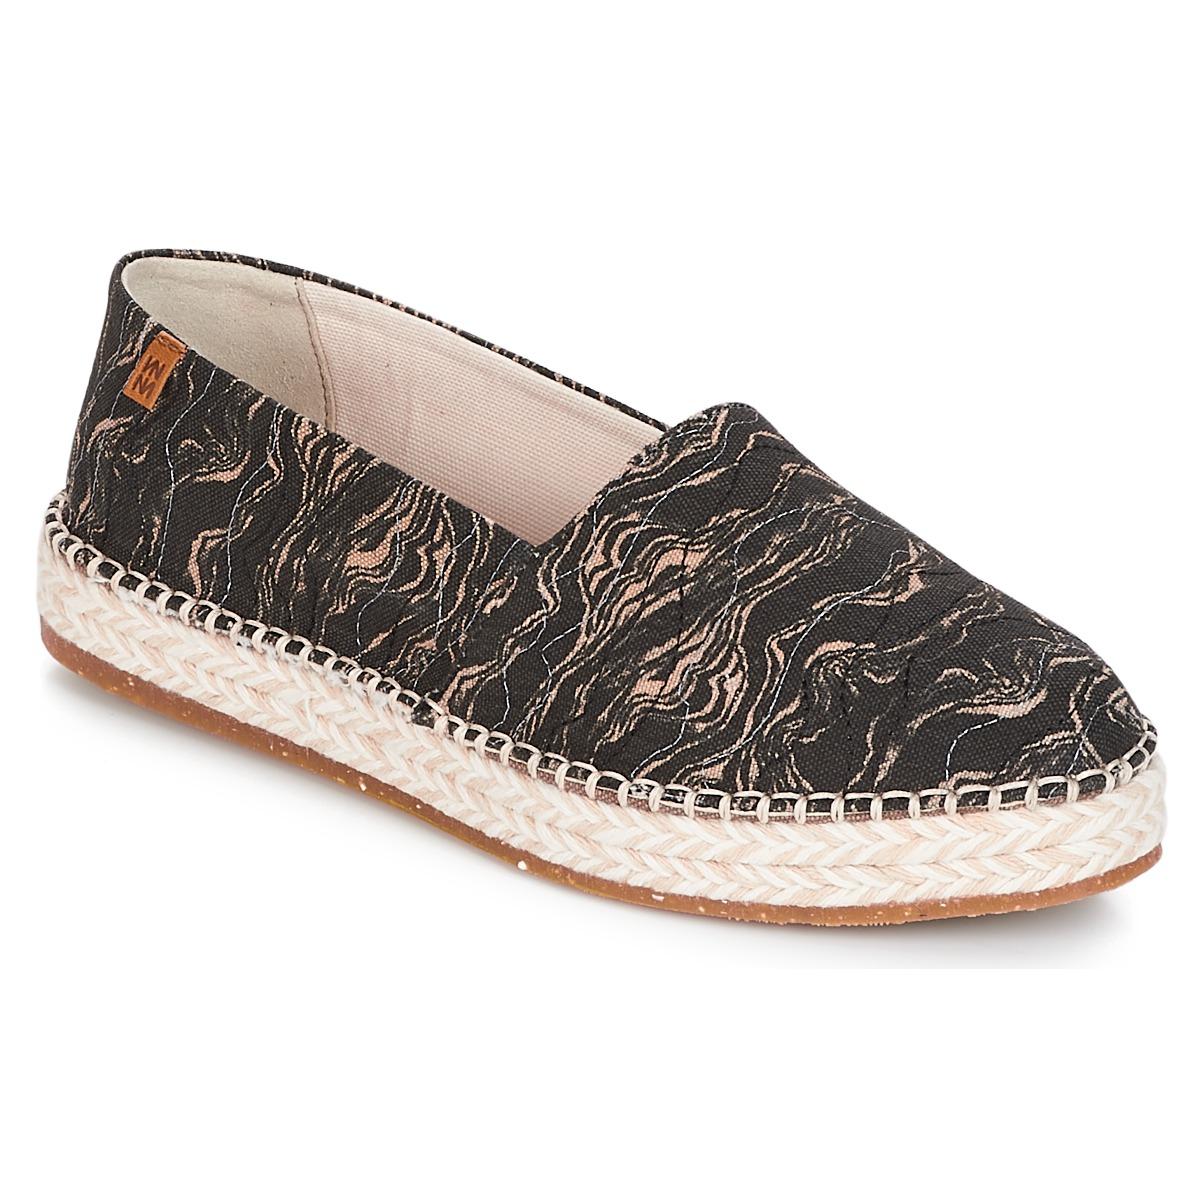 El Naturalista SEAWEED CANVAS Schwarz / Grau - Kostenloser Versand bei Spartoode ! - Schuhe Leinen-Pantoletten mit gefloch Damen 87,20 €